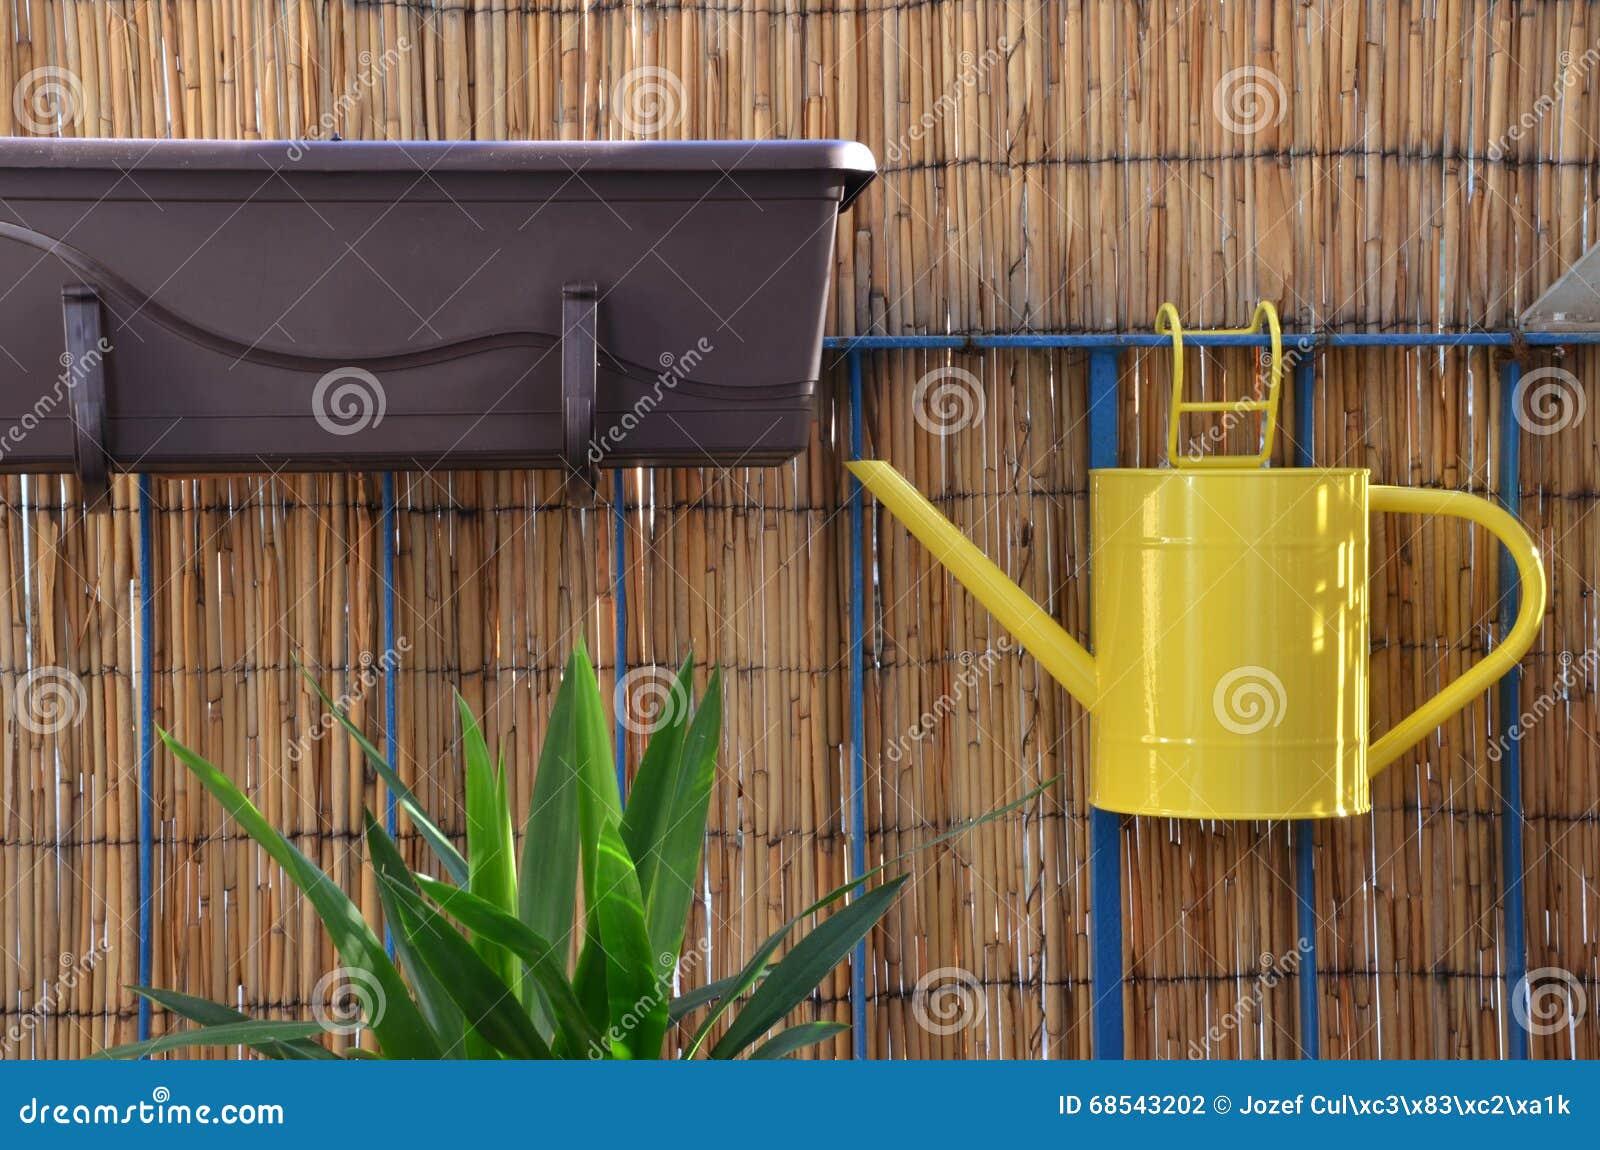 coup de boîte d'arrosage en métal jaune sur la balustrade de balcon